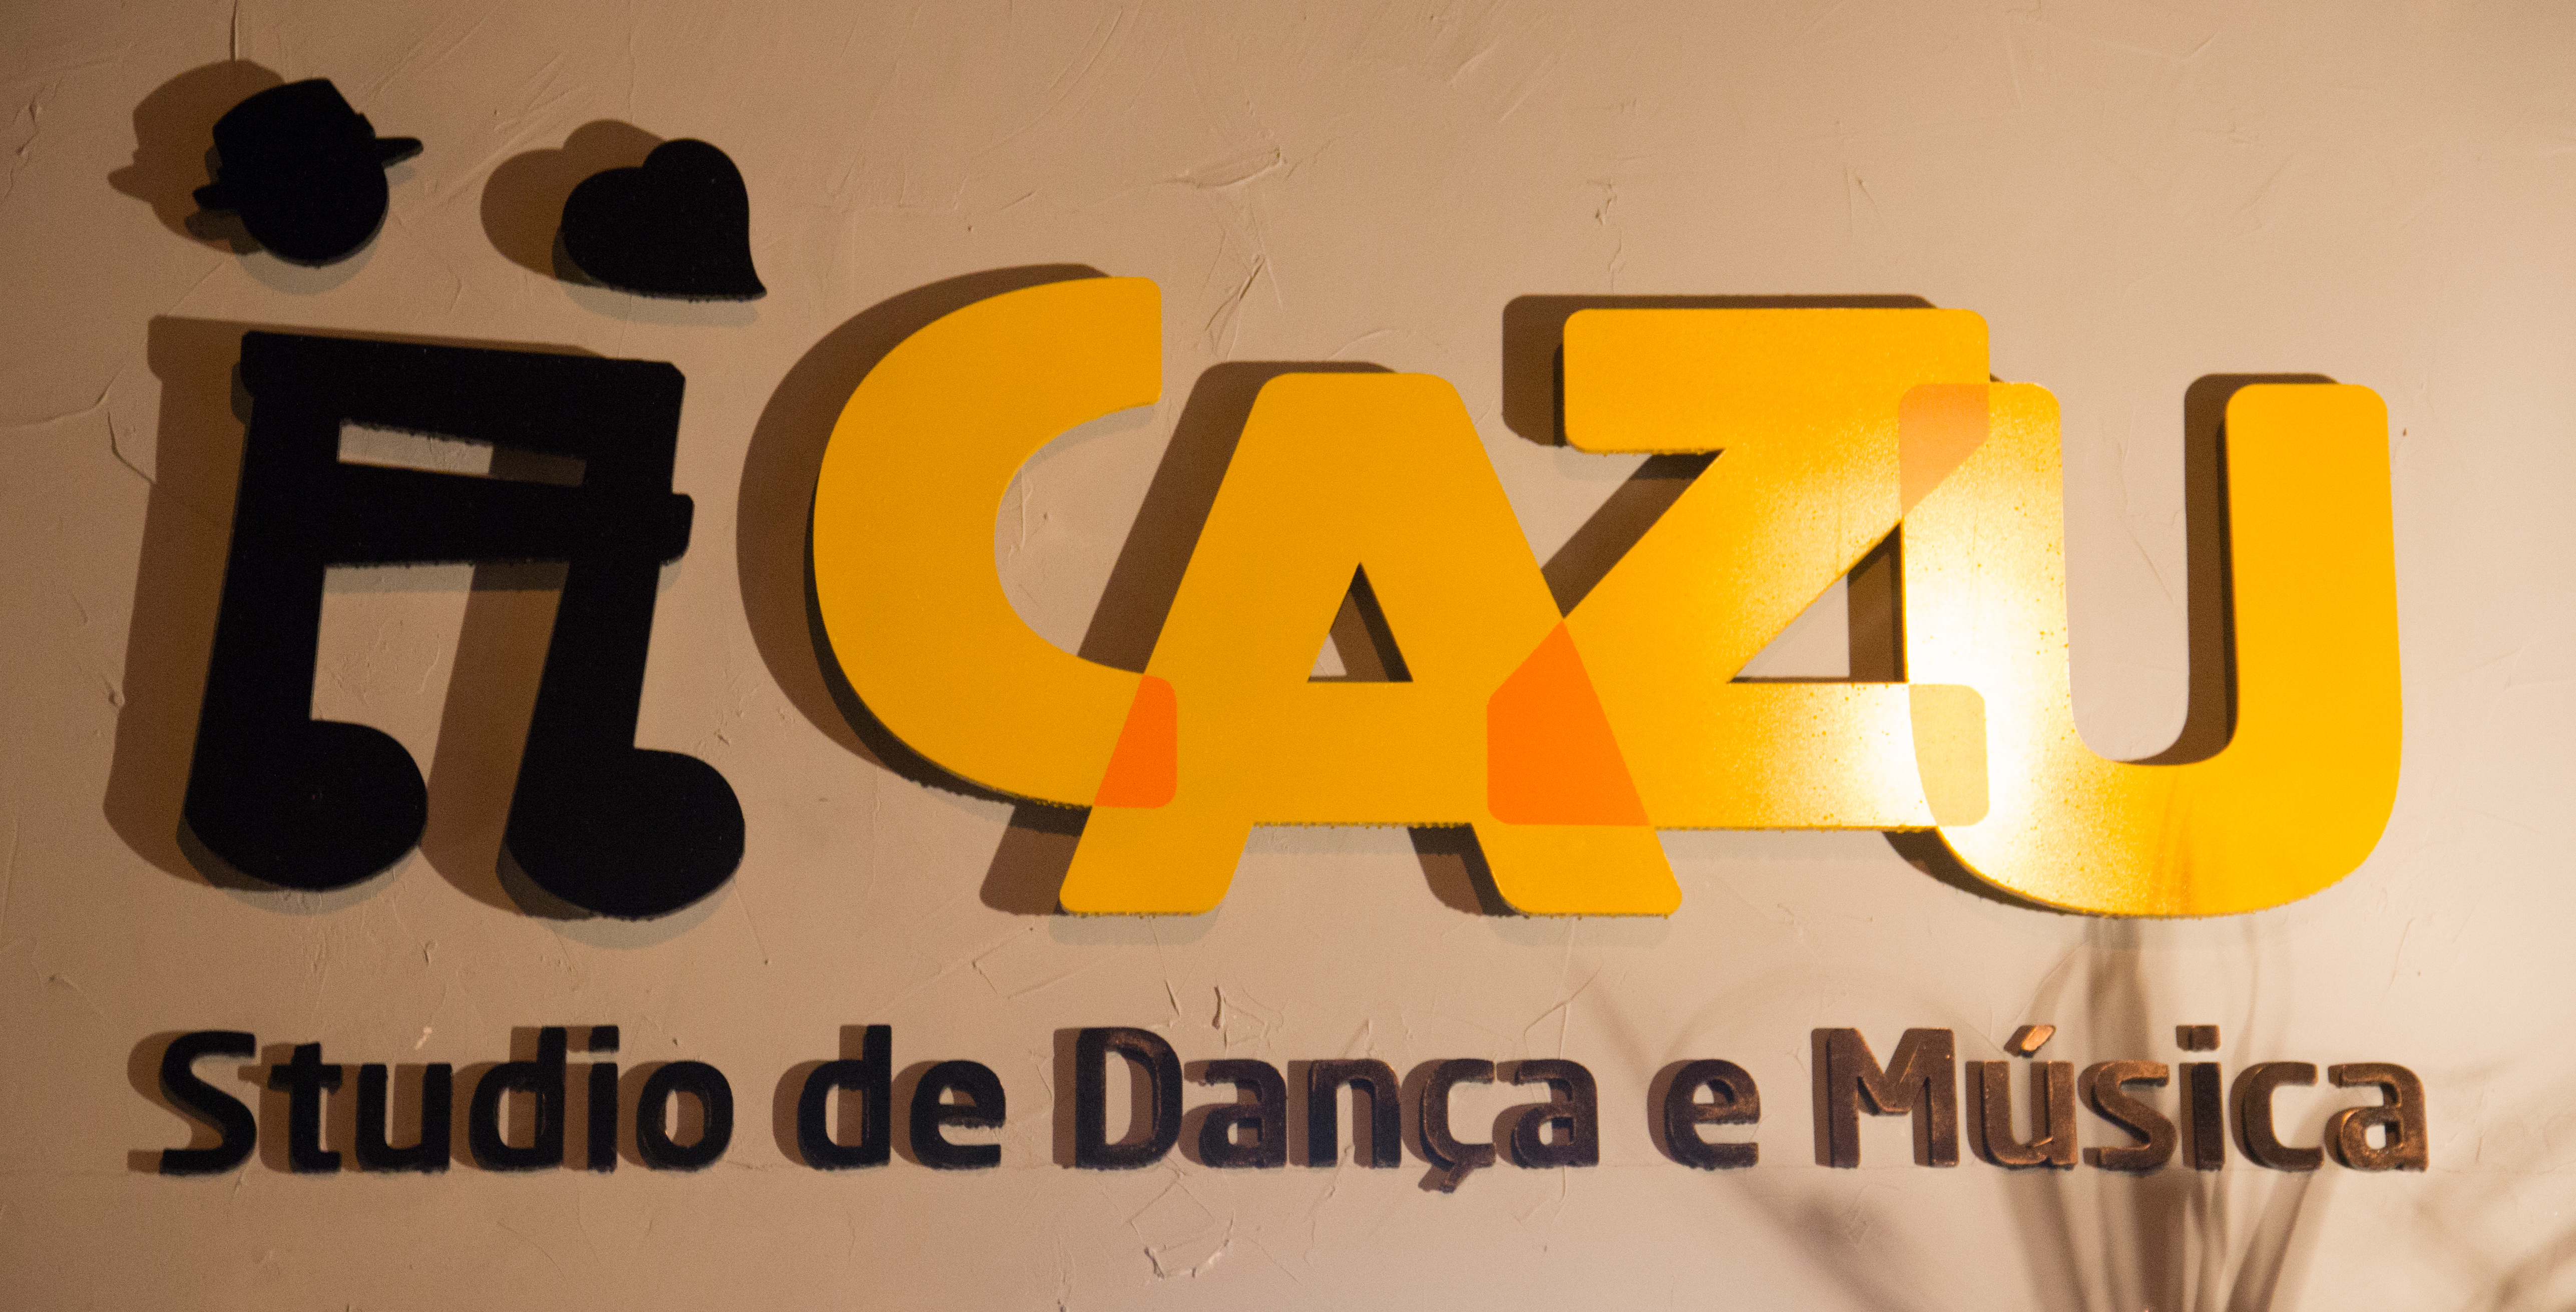 (c) Cazu.com.br